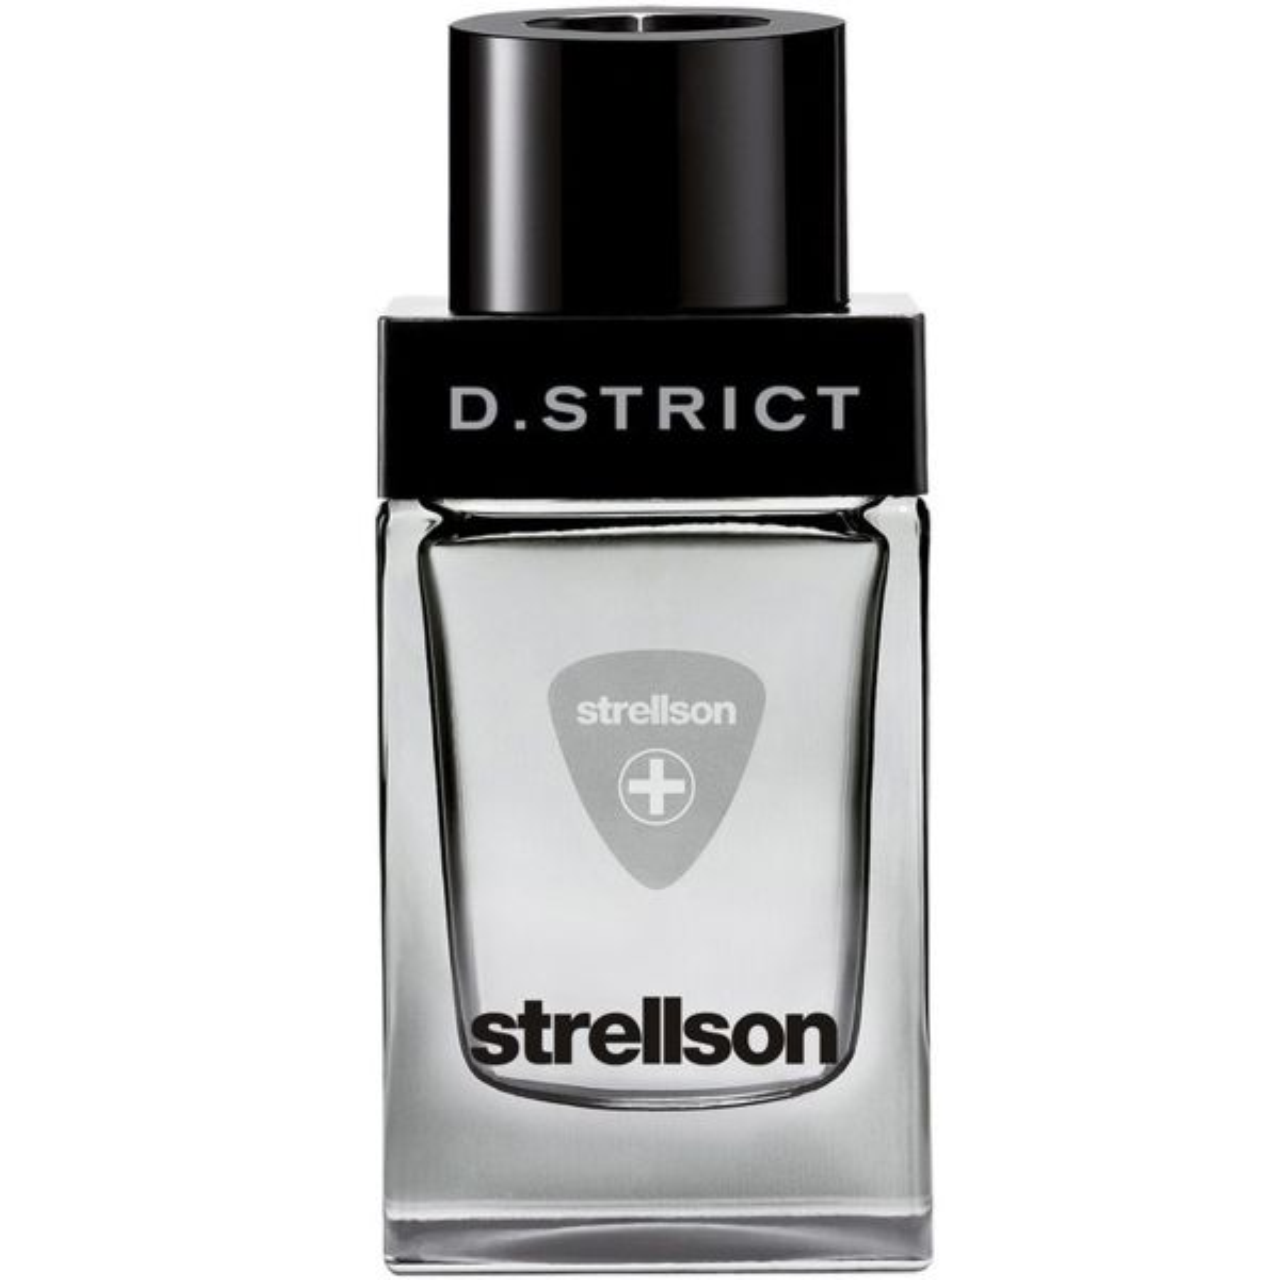 ادو تویلت مردانه استرلسون مدل D.Strict حجم 50 میلی لیتر